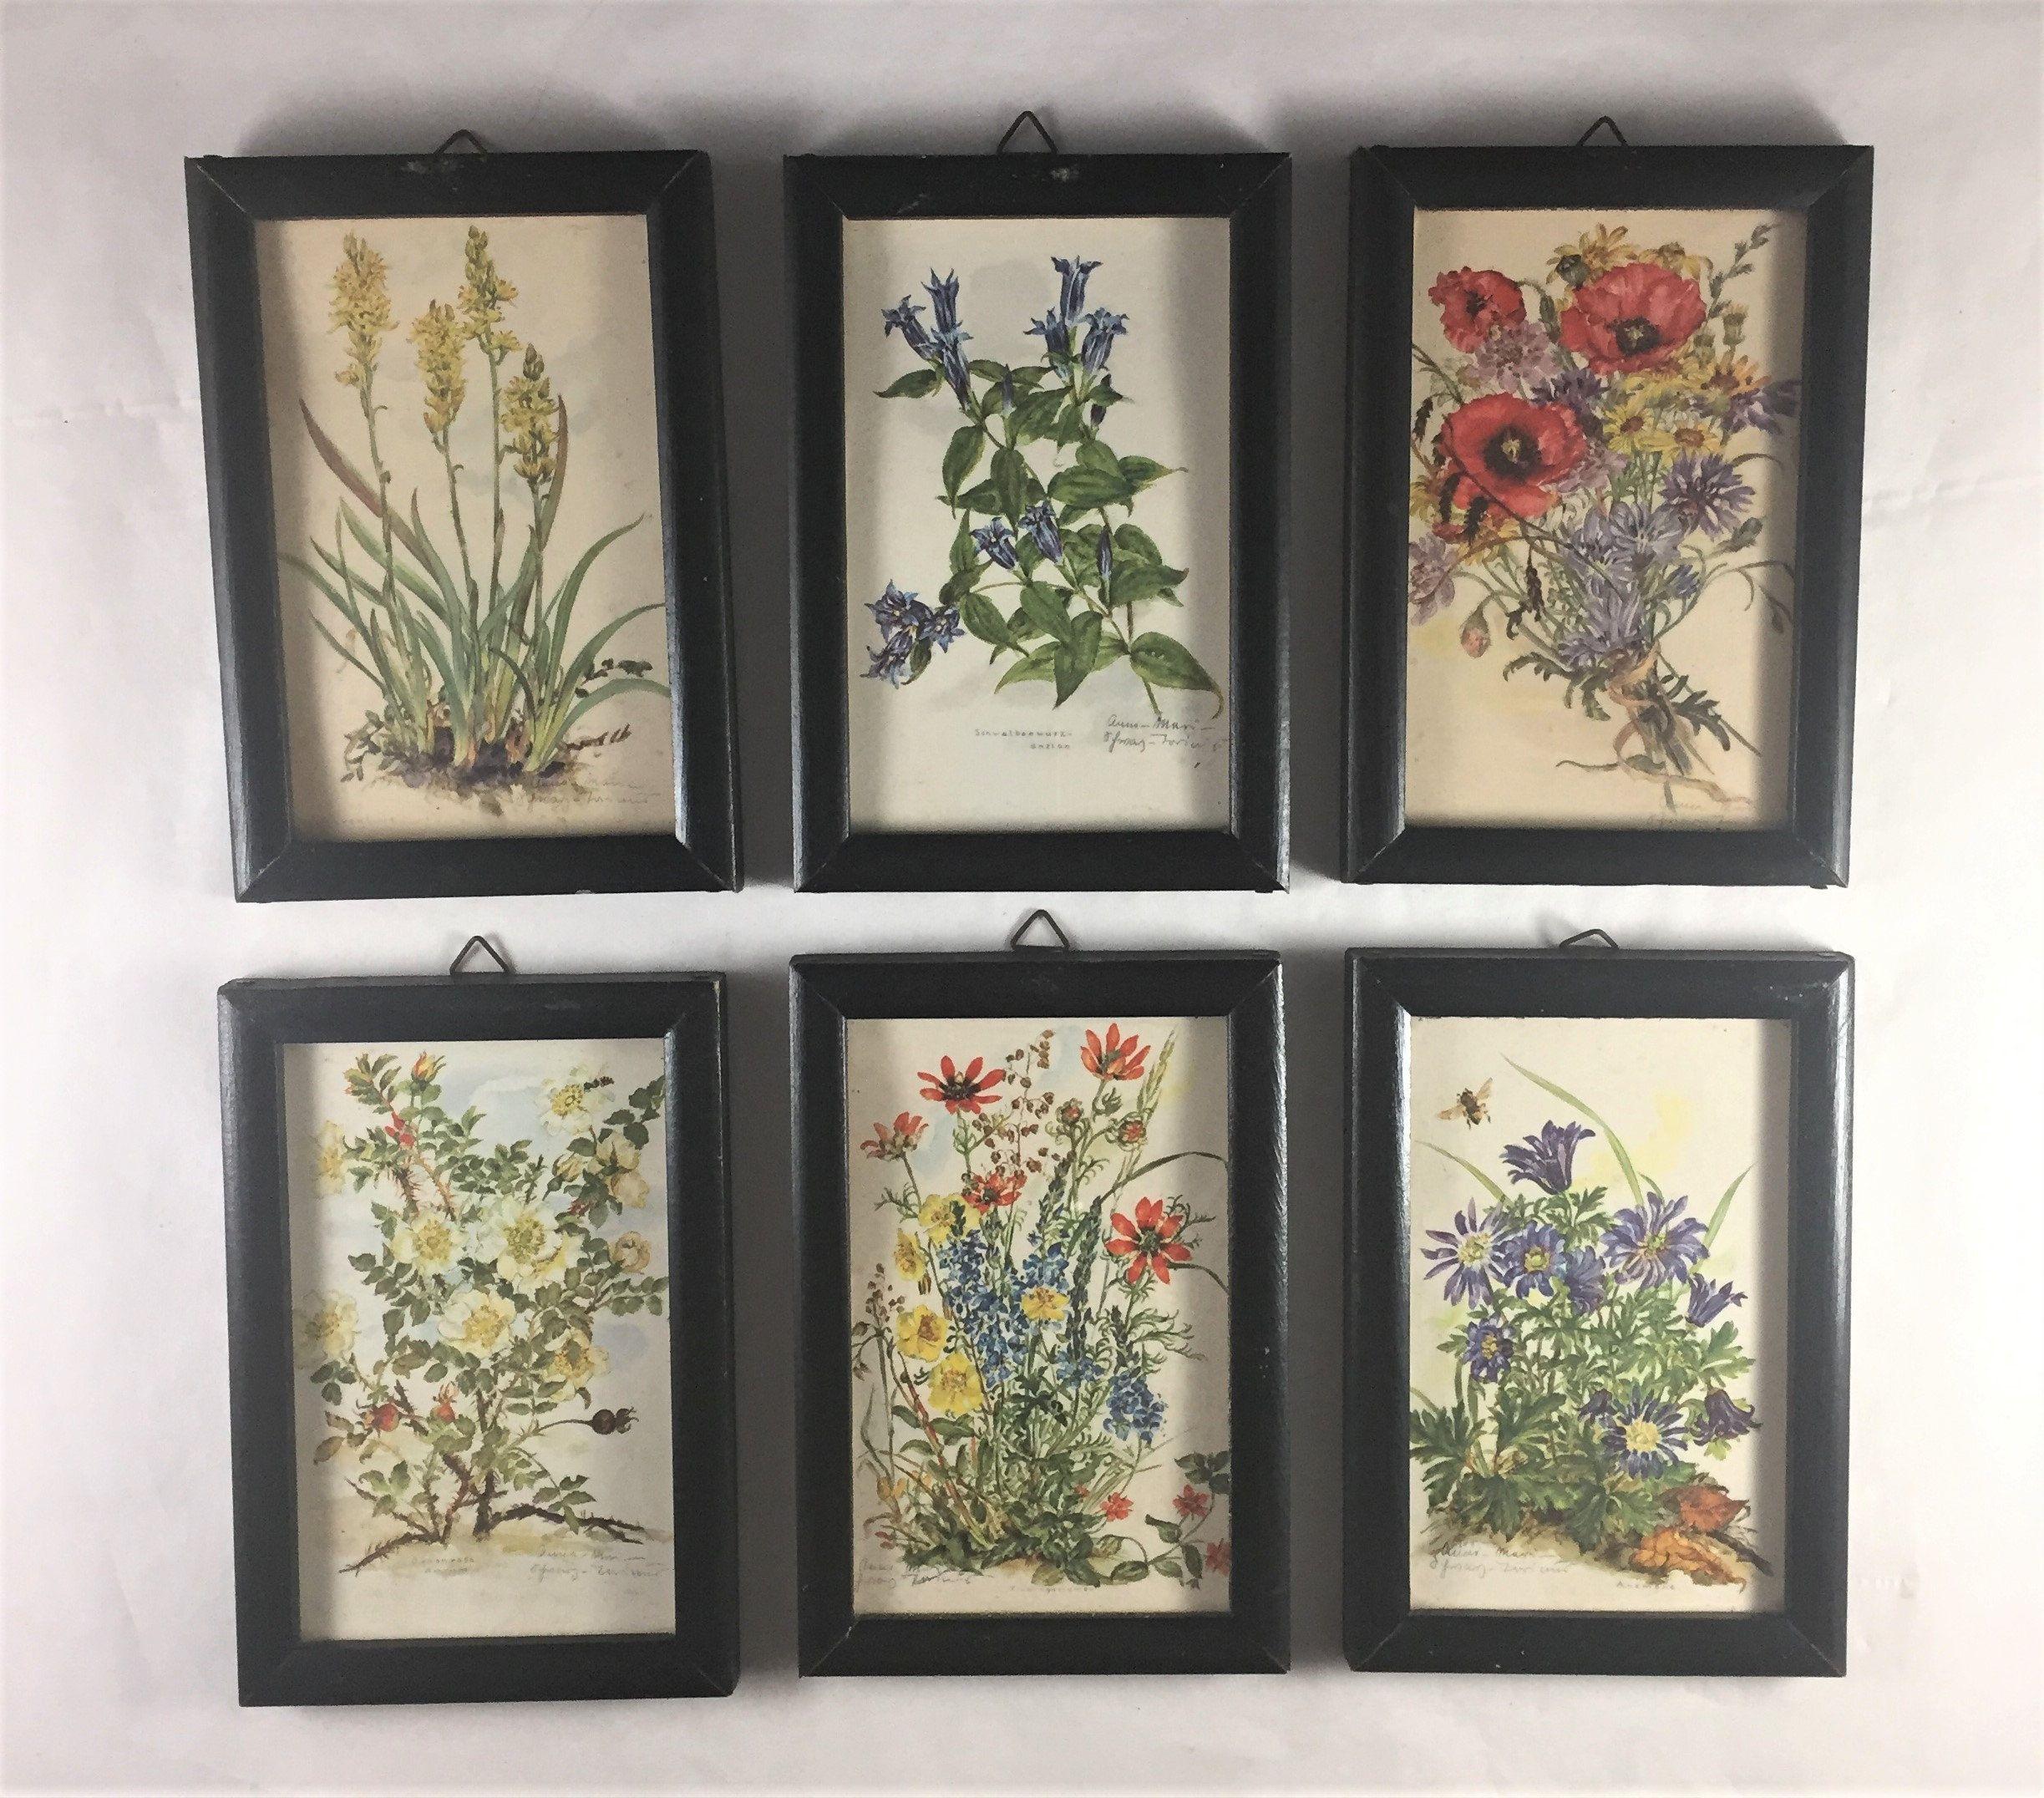 Vintage Botanical Prints Set Of 6 Floral Framed Prints Small Vintage Prints Colorful Framed Wall Framed Floral Prints Botanical Prints Vintage Botanical Prints